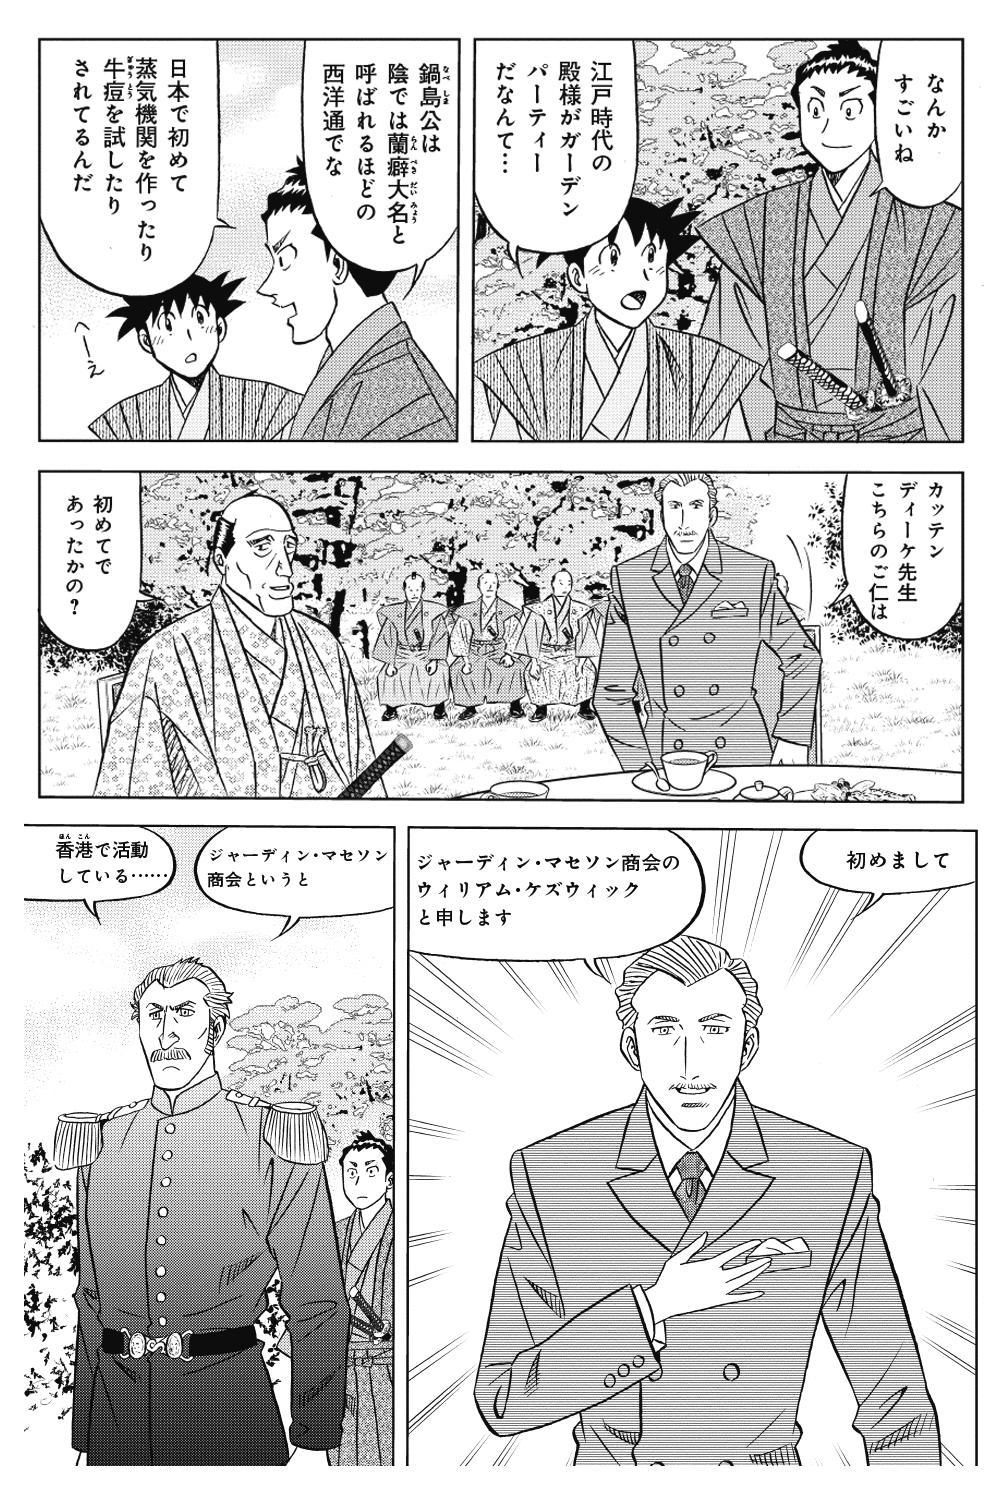 ミスター味っ子 幕末編 第2話「列強襲来」①ajikko2-1-11.jpg